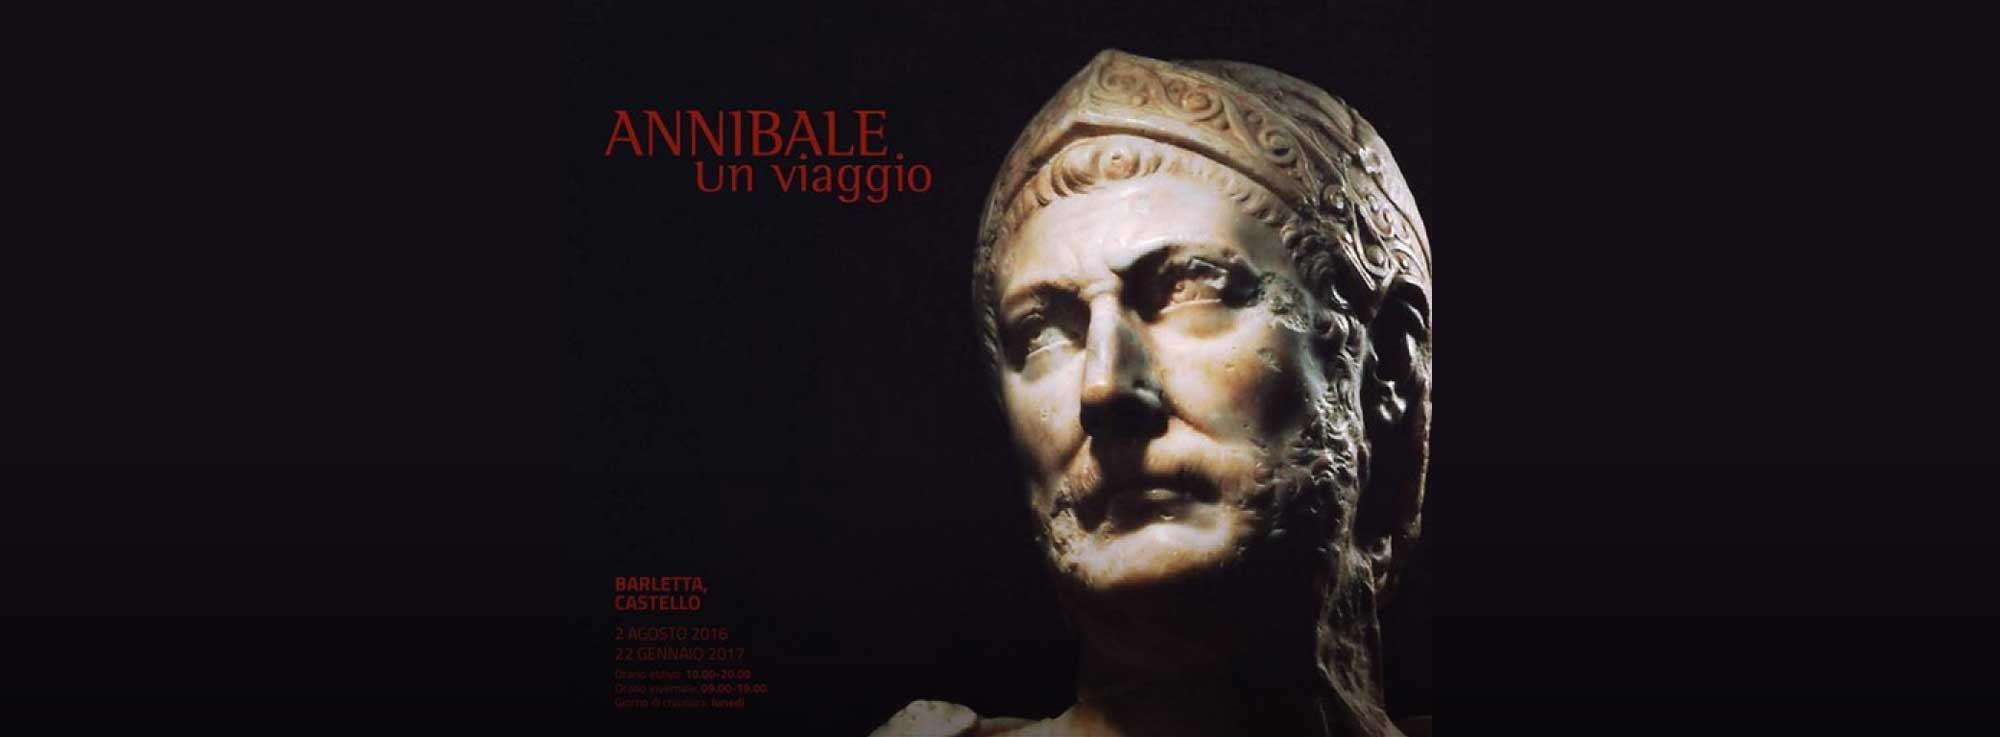 Barletta: Annibale. Un viaggio